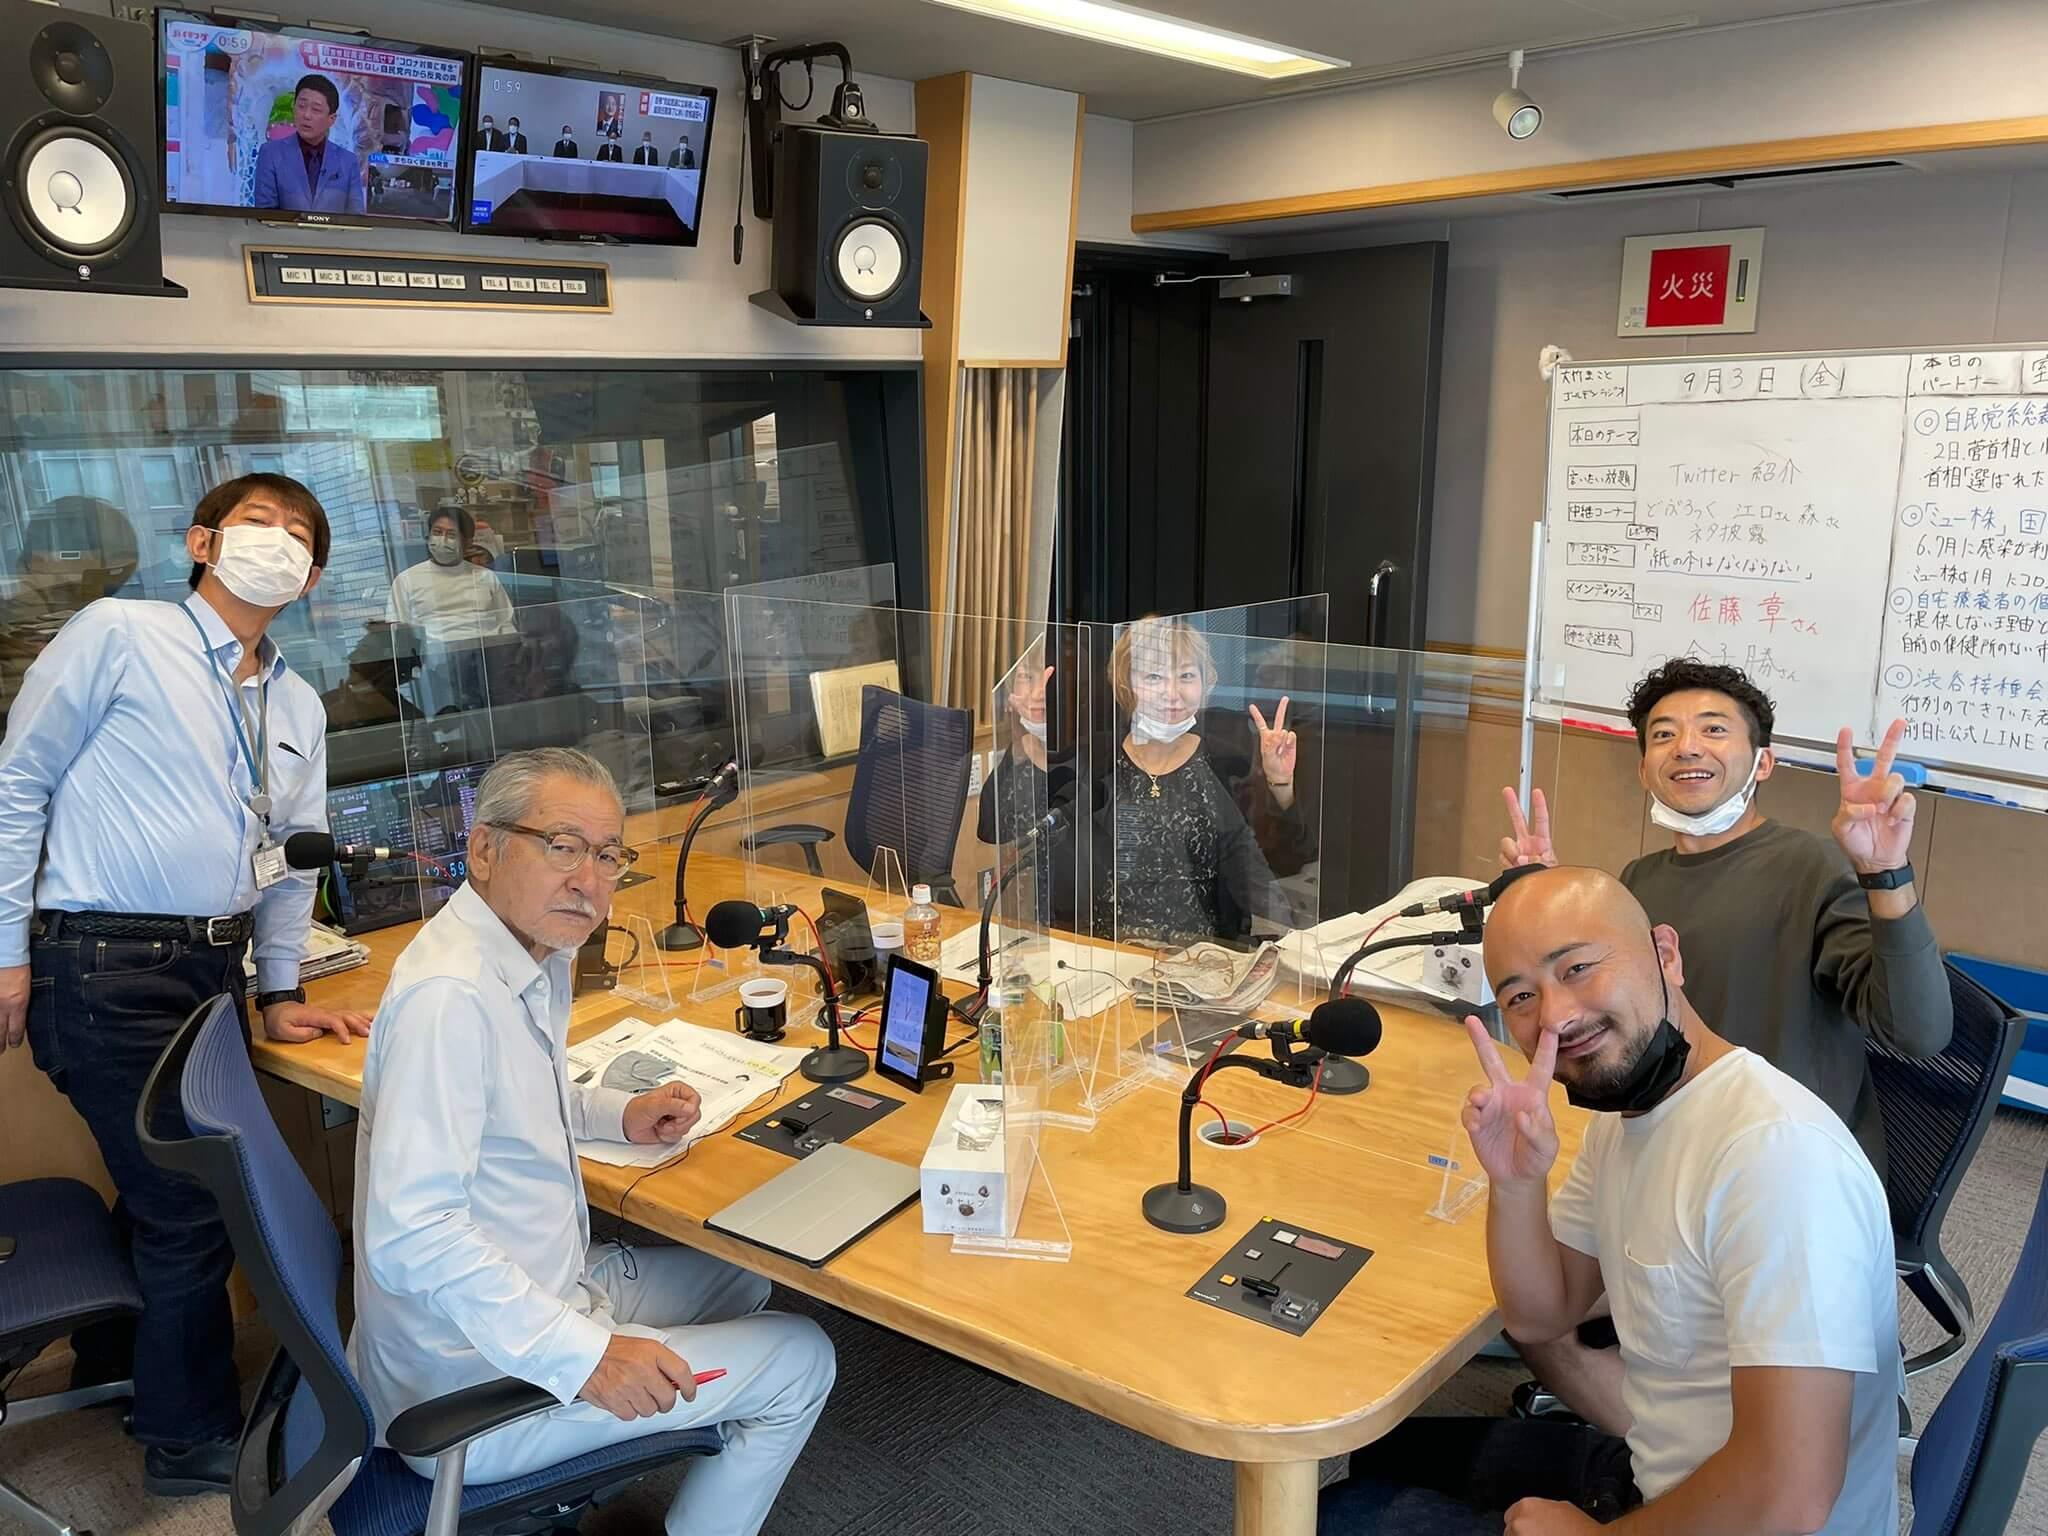 9/3(金)夏の終わり室井佑月の怪談「割っても割っても出てくるビールグラス」